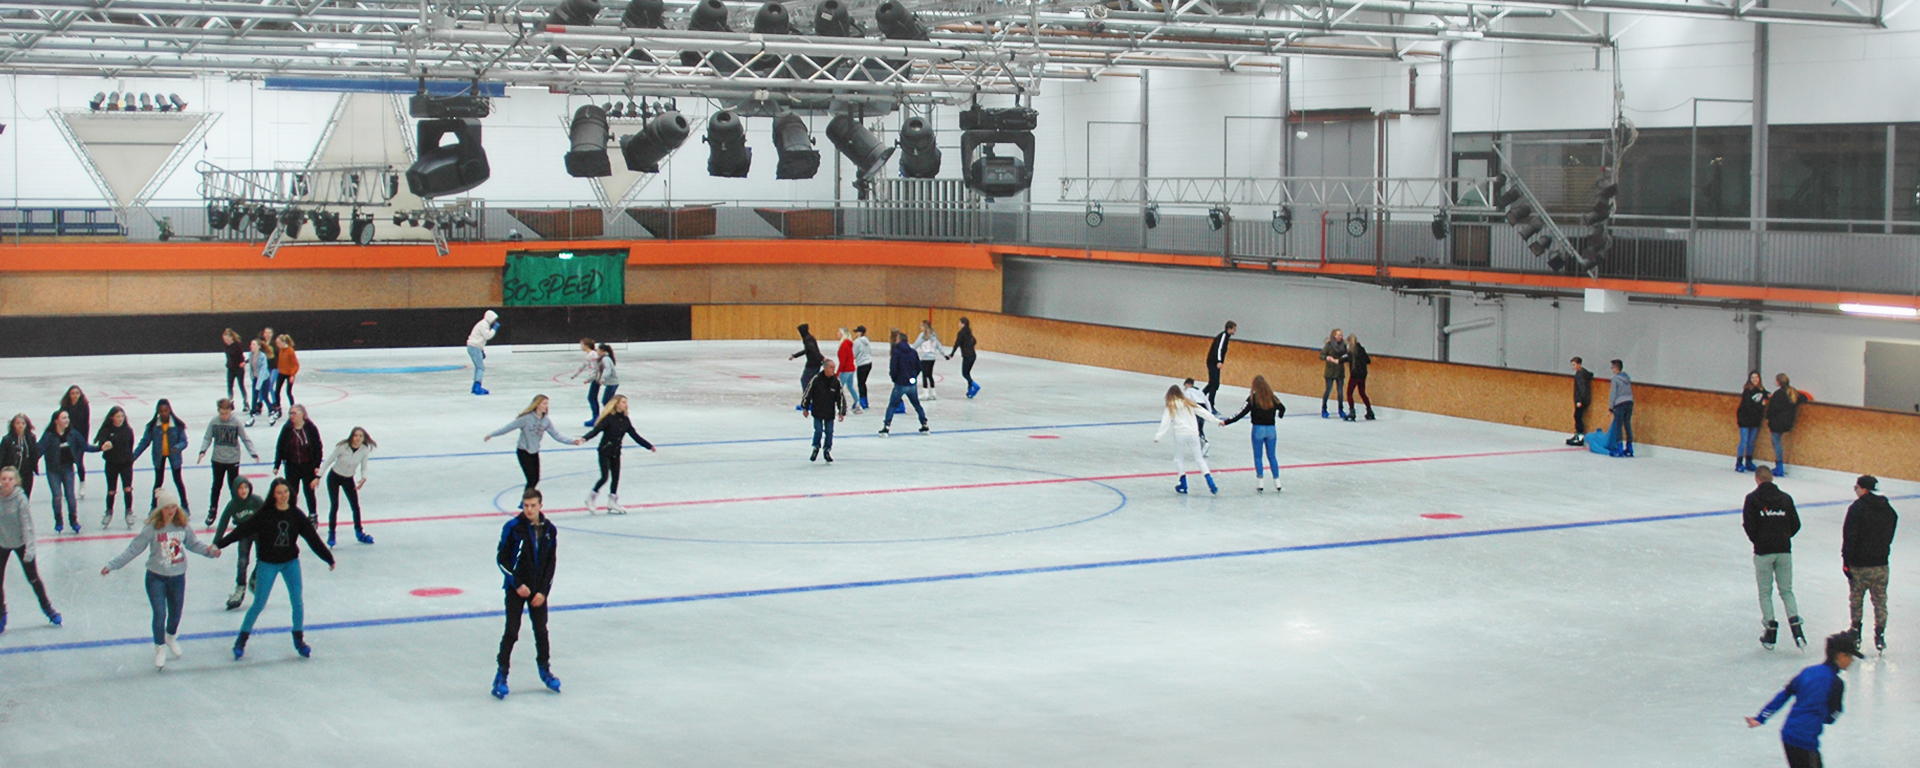 Schlittschuhlaufen Eishalle Adelberg